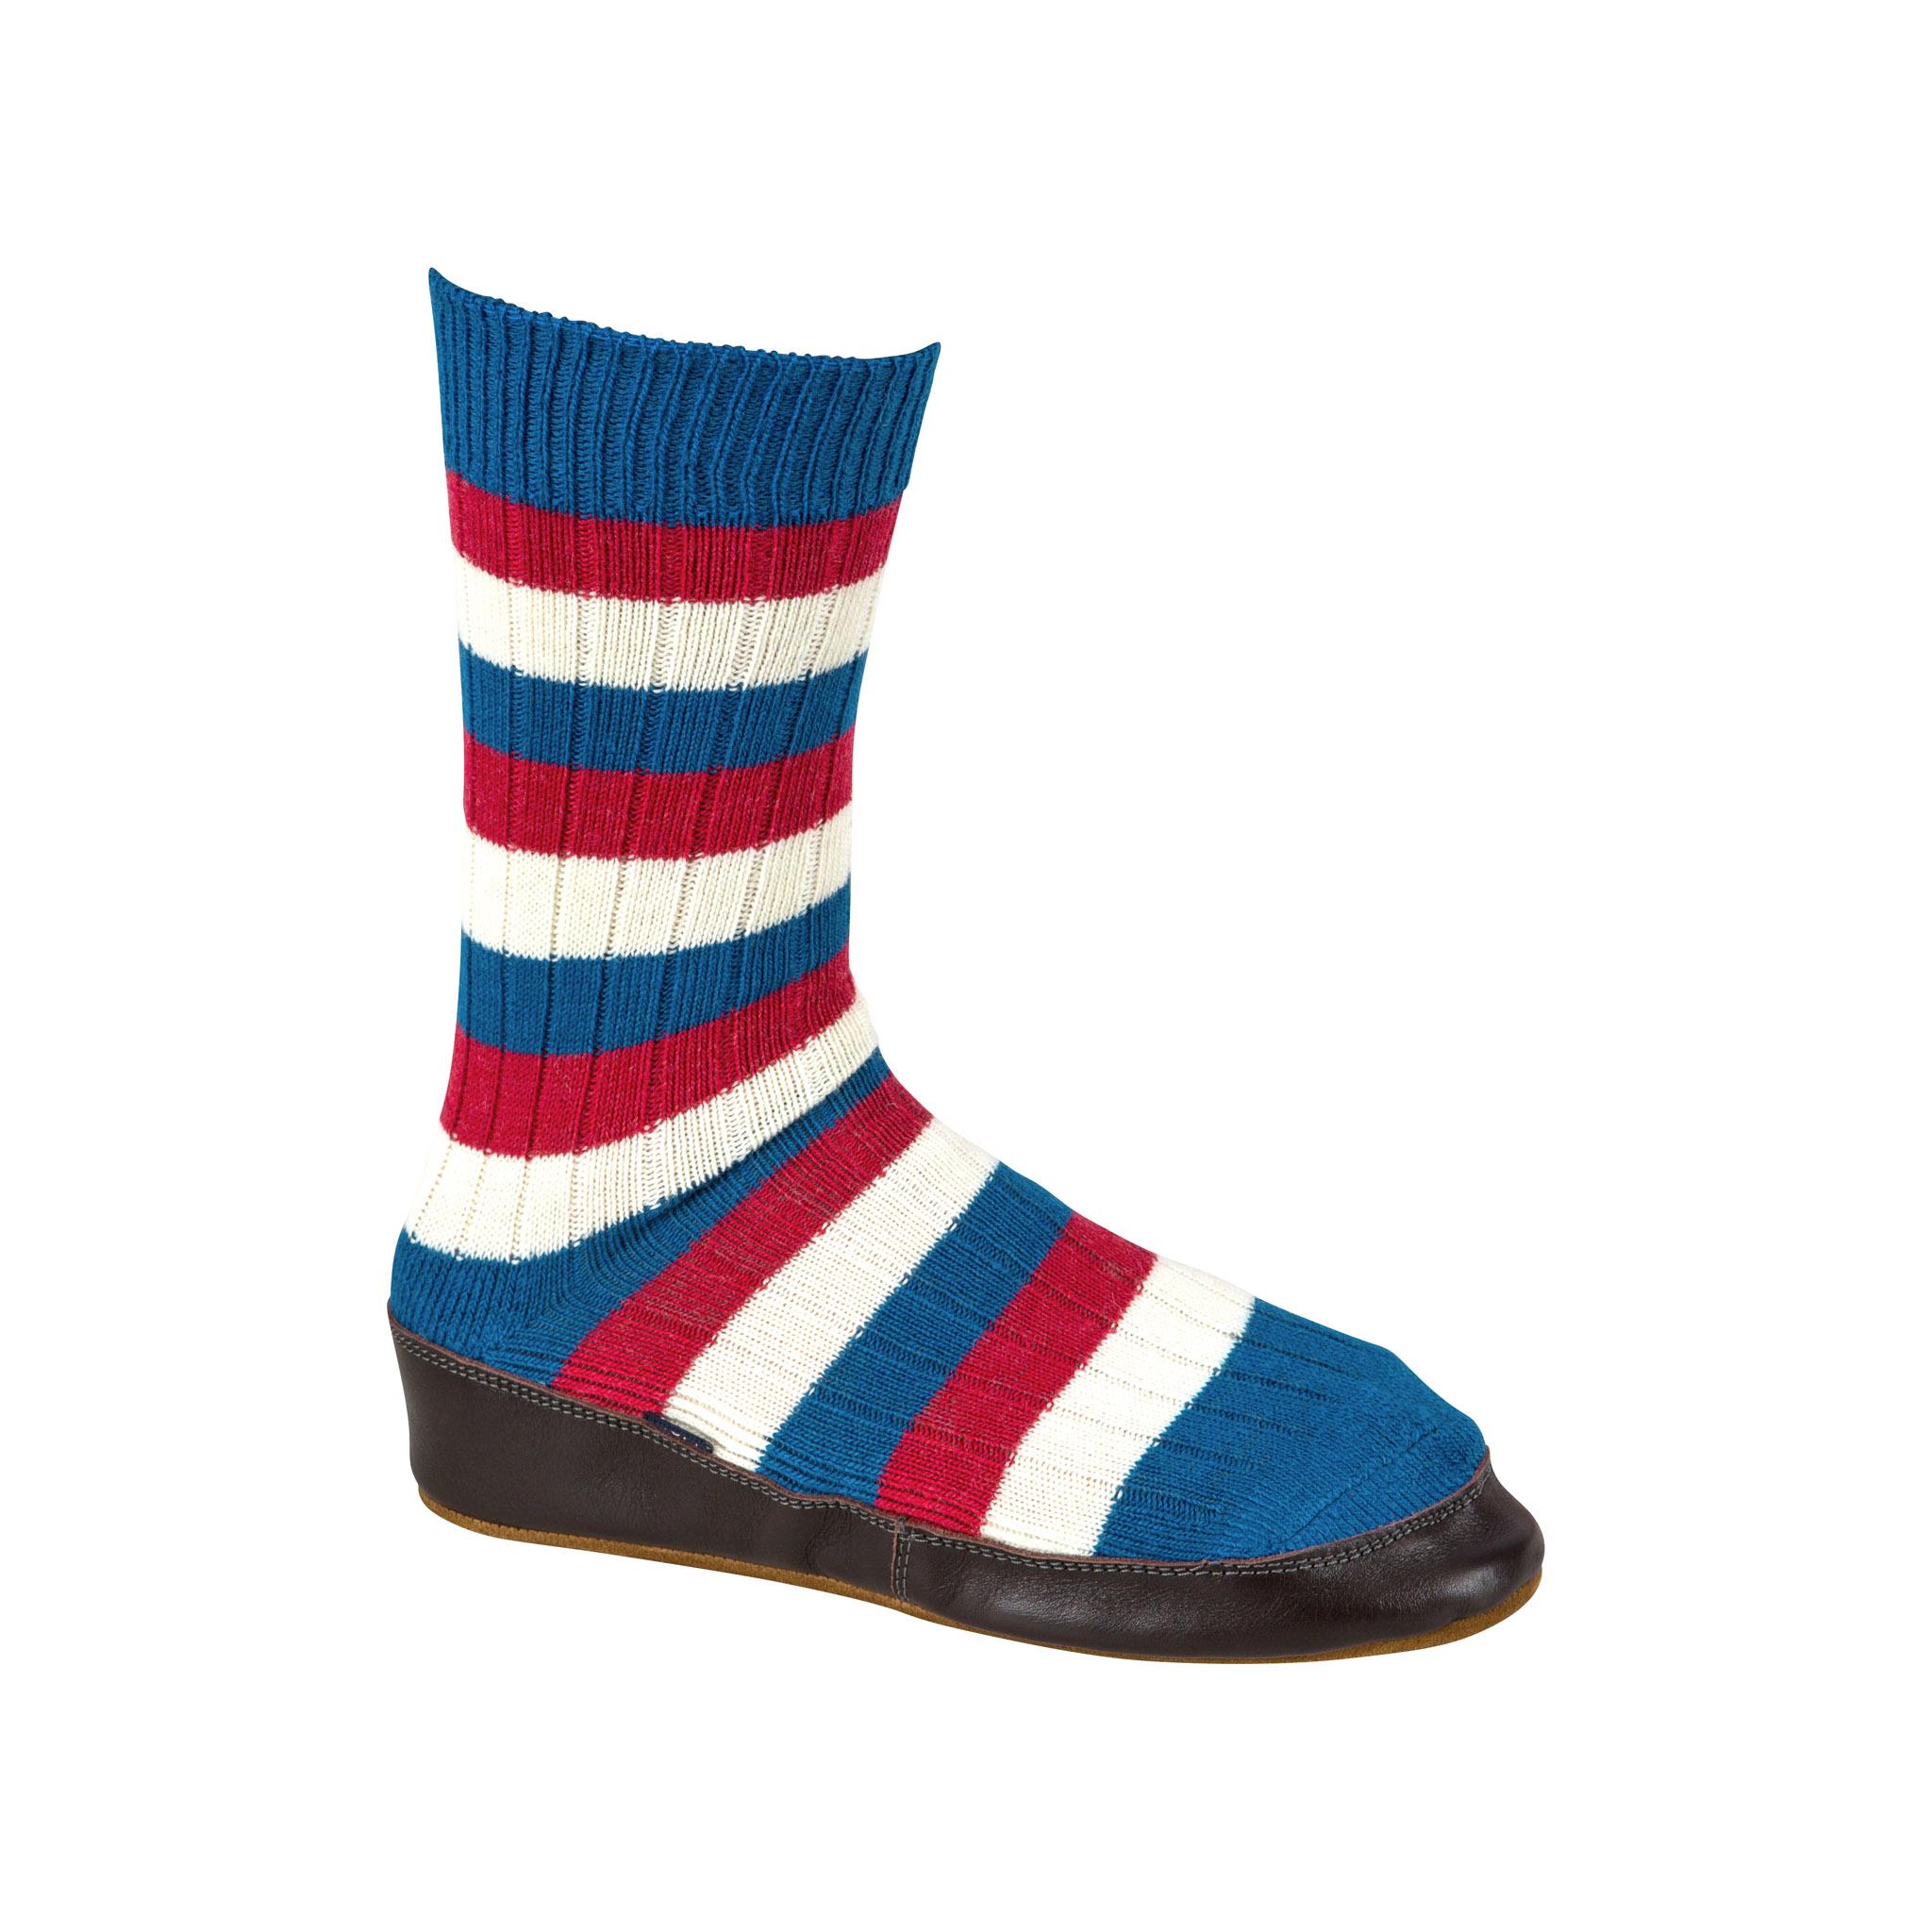 Slipper Sock red, white and blue stripe